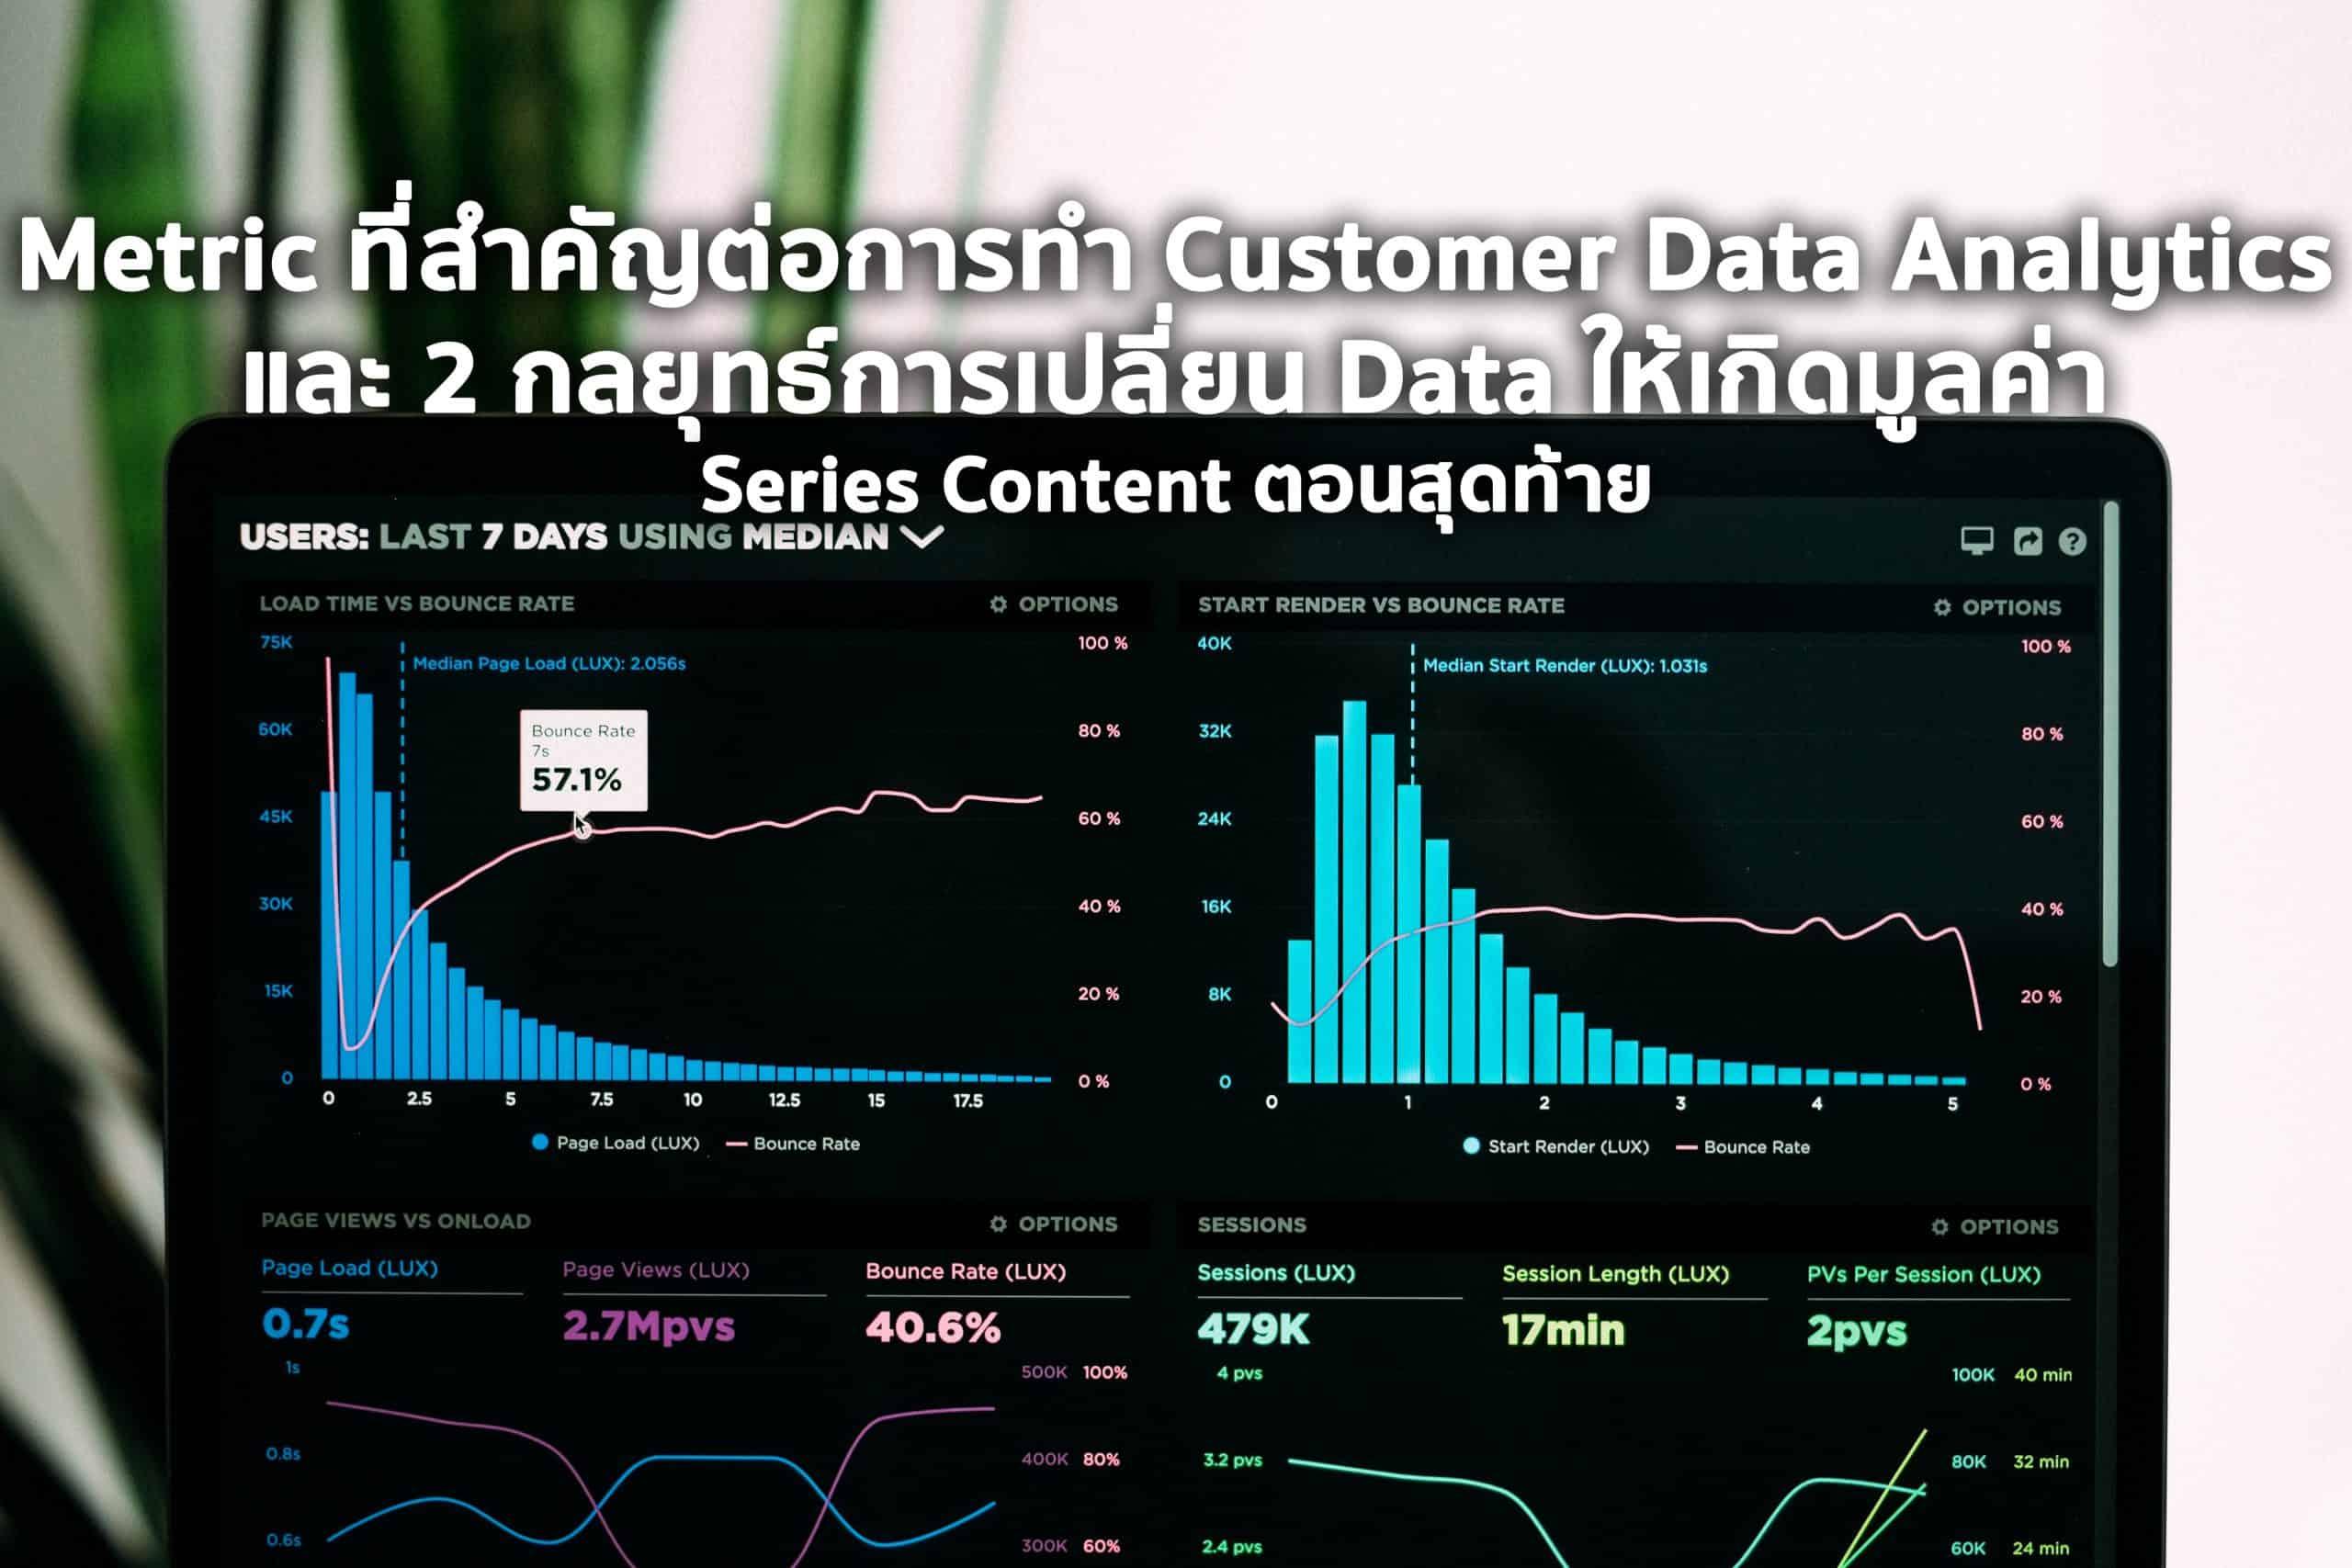 Metric ที่สำคัญต่อการทำ Customer Data Analytics และบทสรุปส่งท้าย